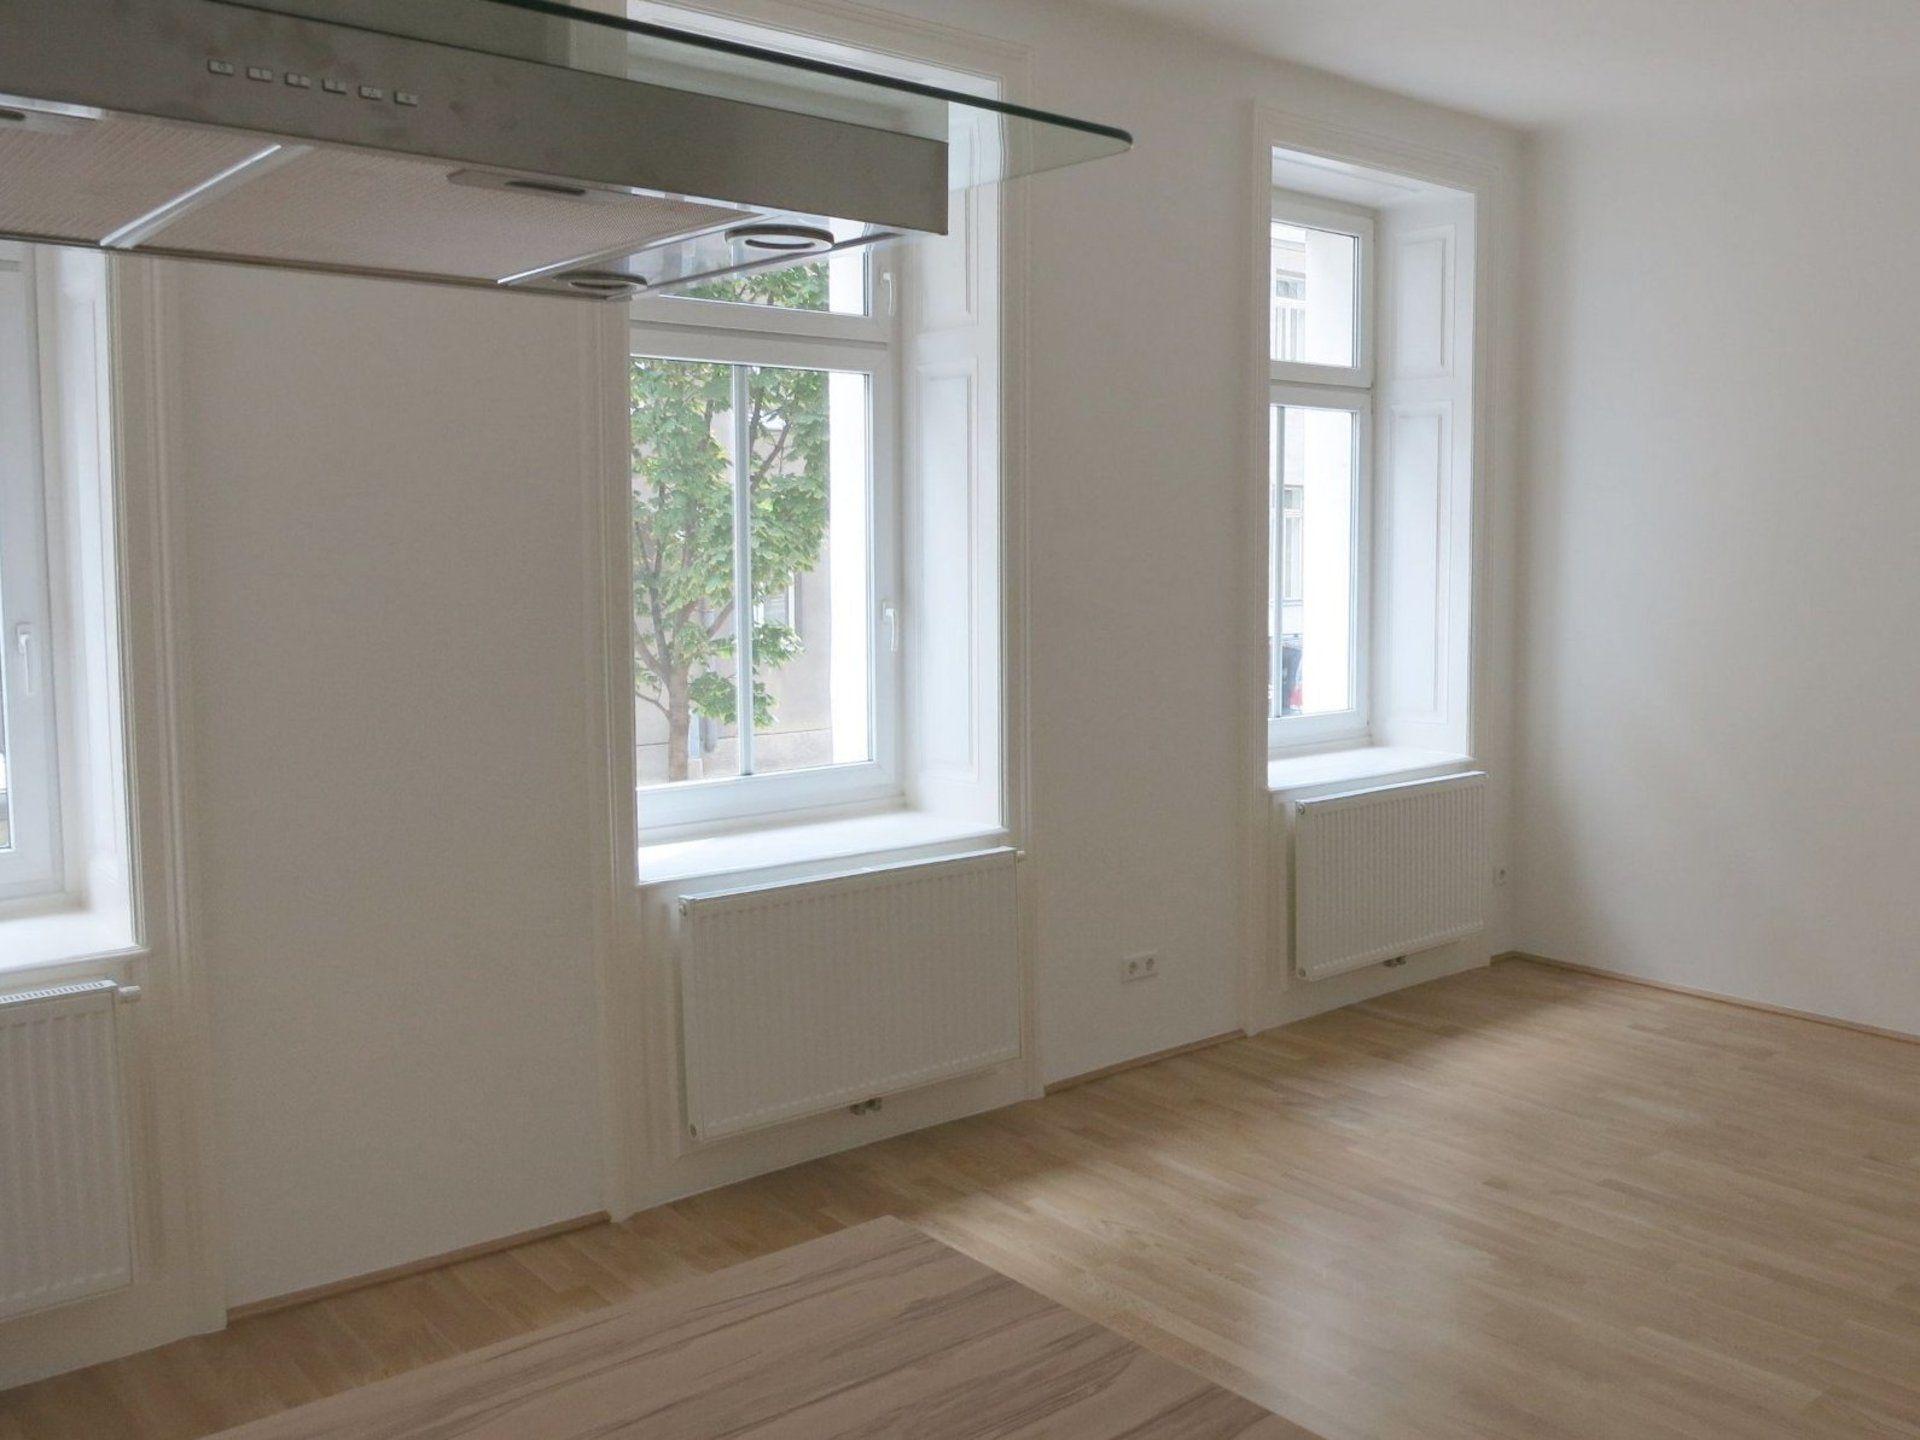 Hauslabgasse 32, 1050 Wien